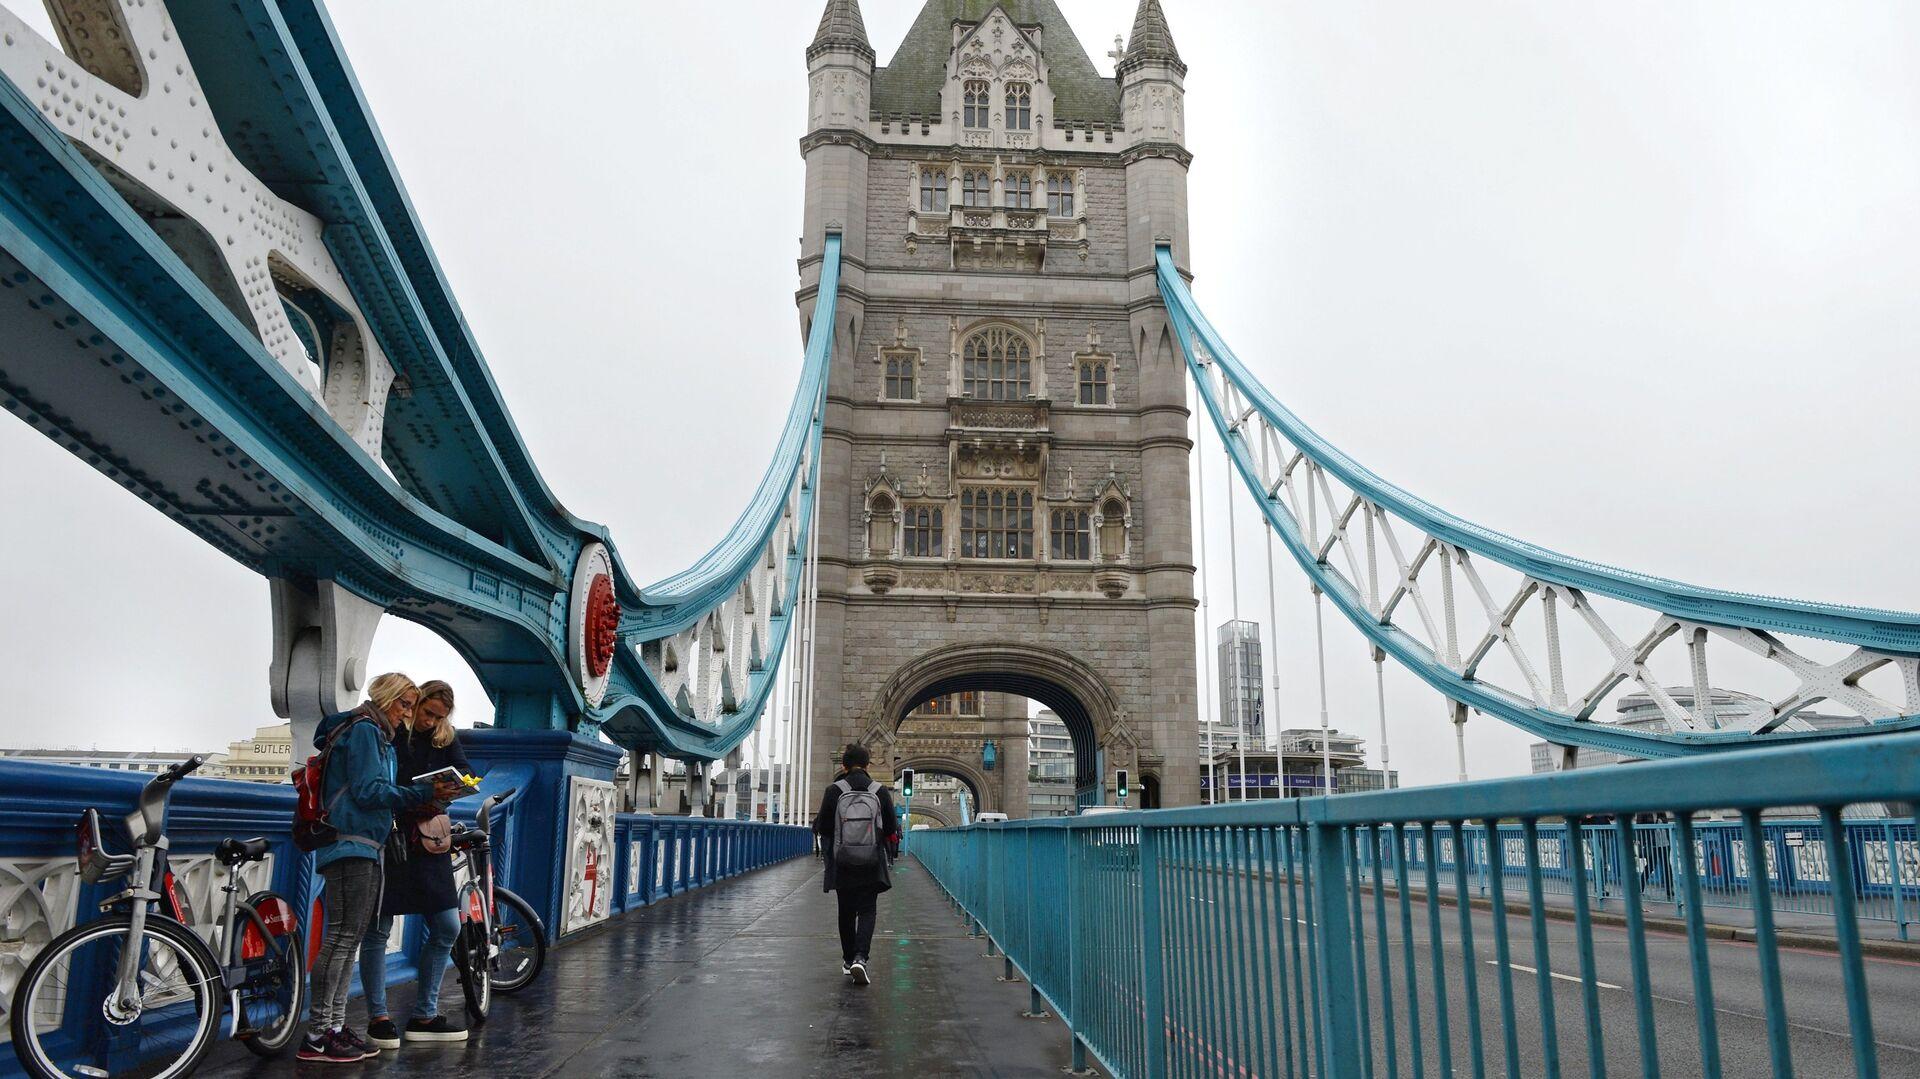 Туристы на Тауэрском мосту над Темзой в Лондоне - РИА Новости, 1920, 09.10.2021